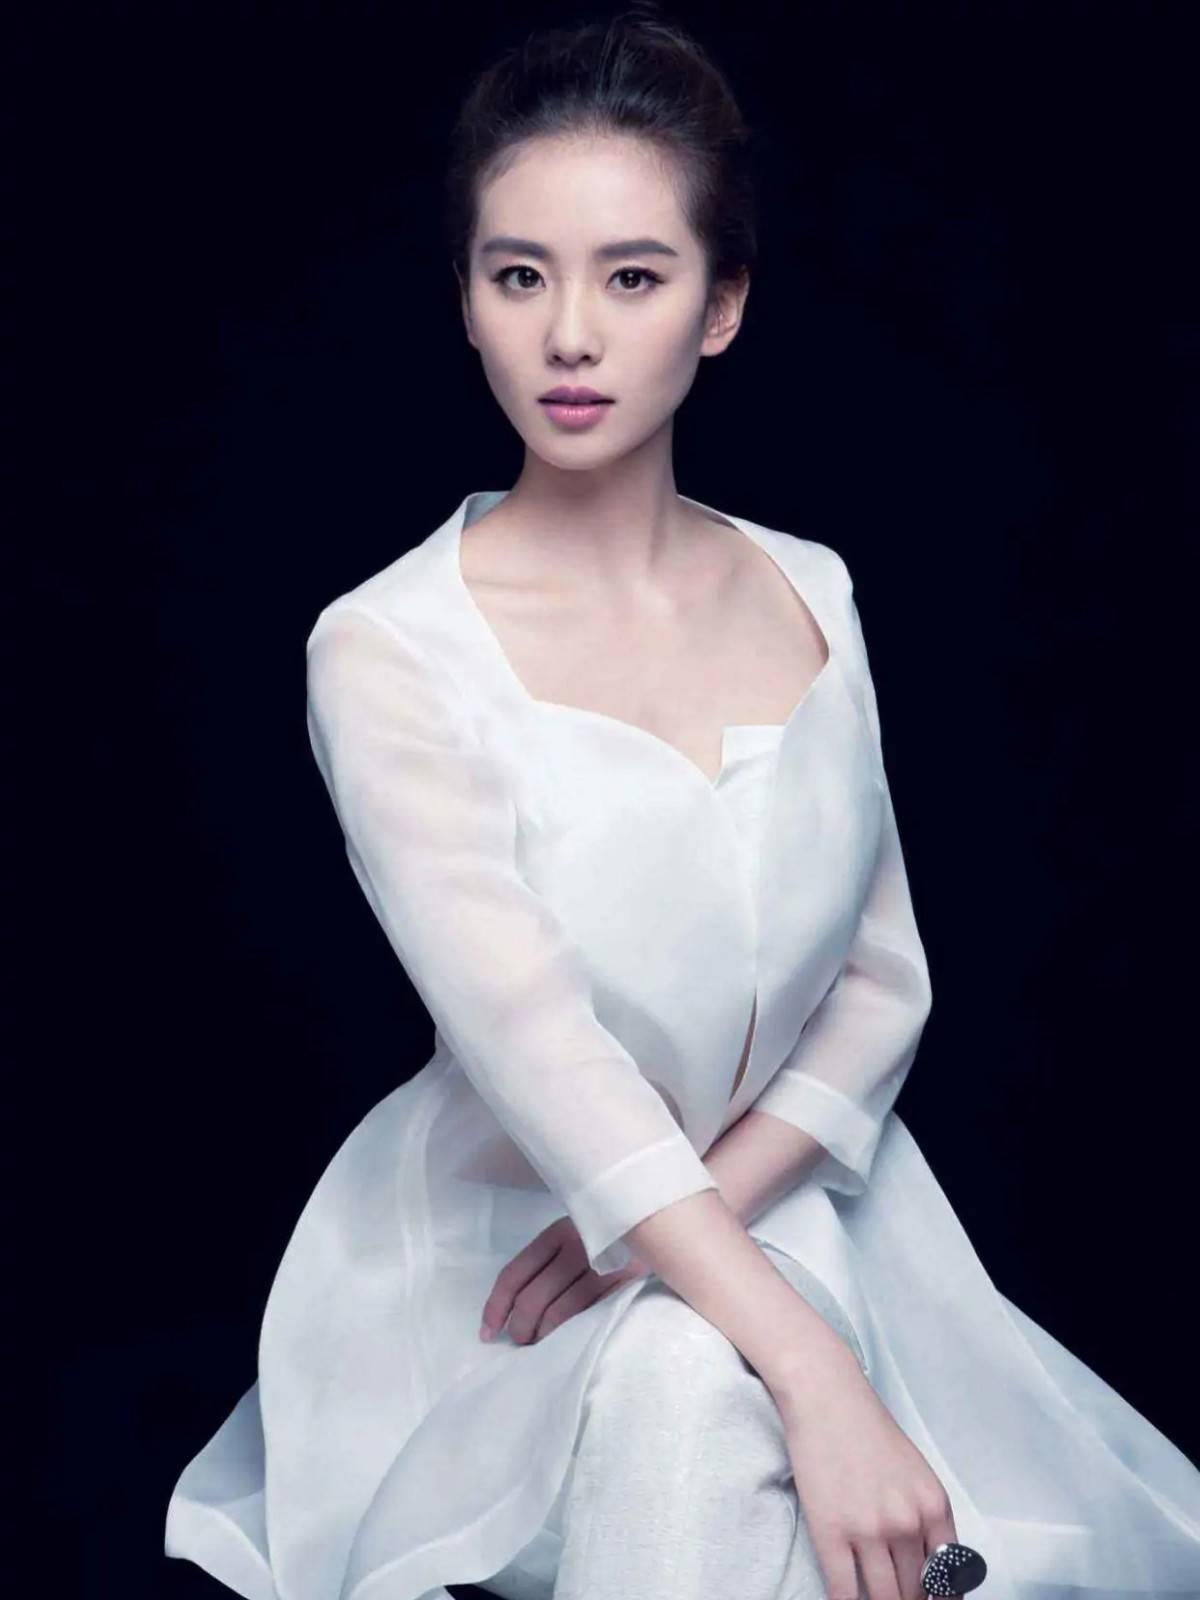 刘诗诗谈育儿理解,网友拿李湘做对比